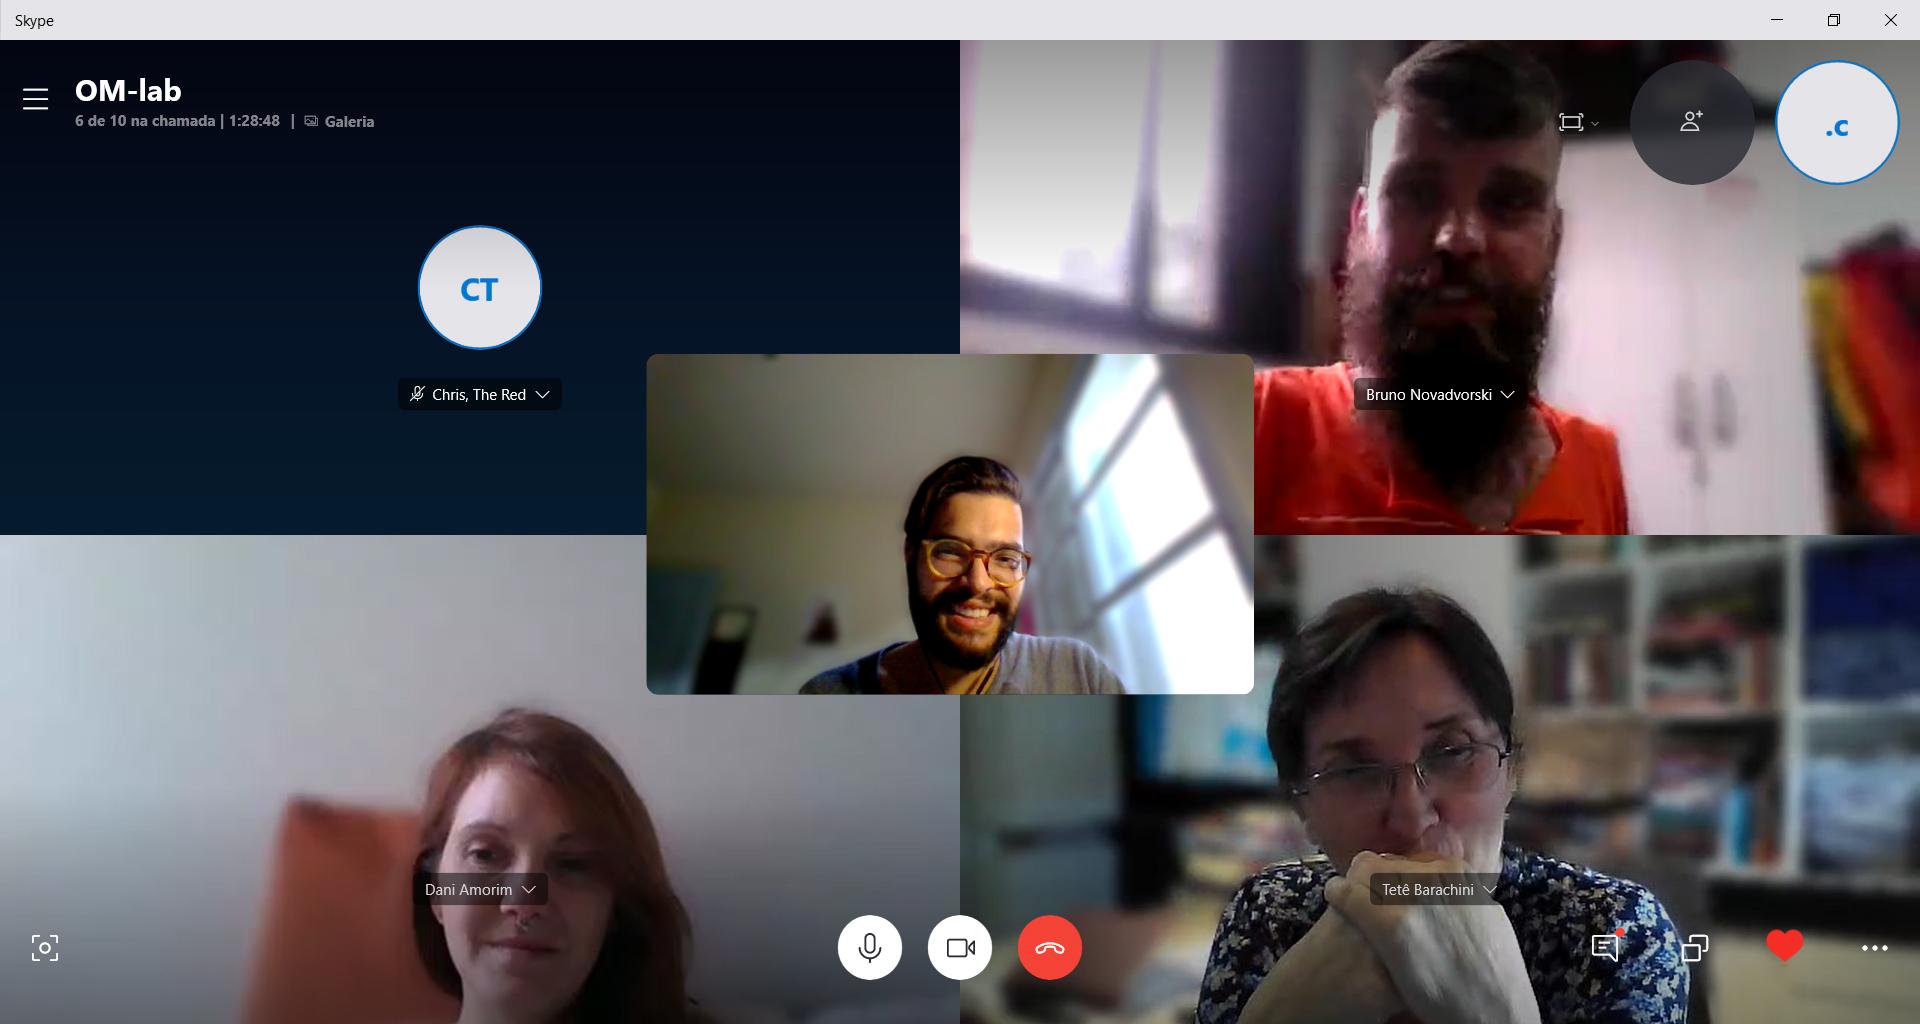 Reunião_do_grupo__OM_LAB-_2020cc